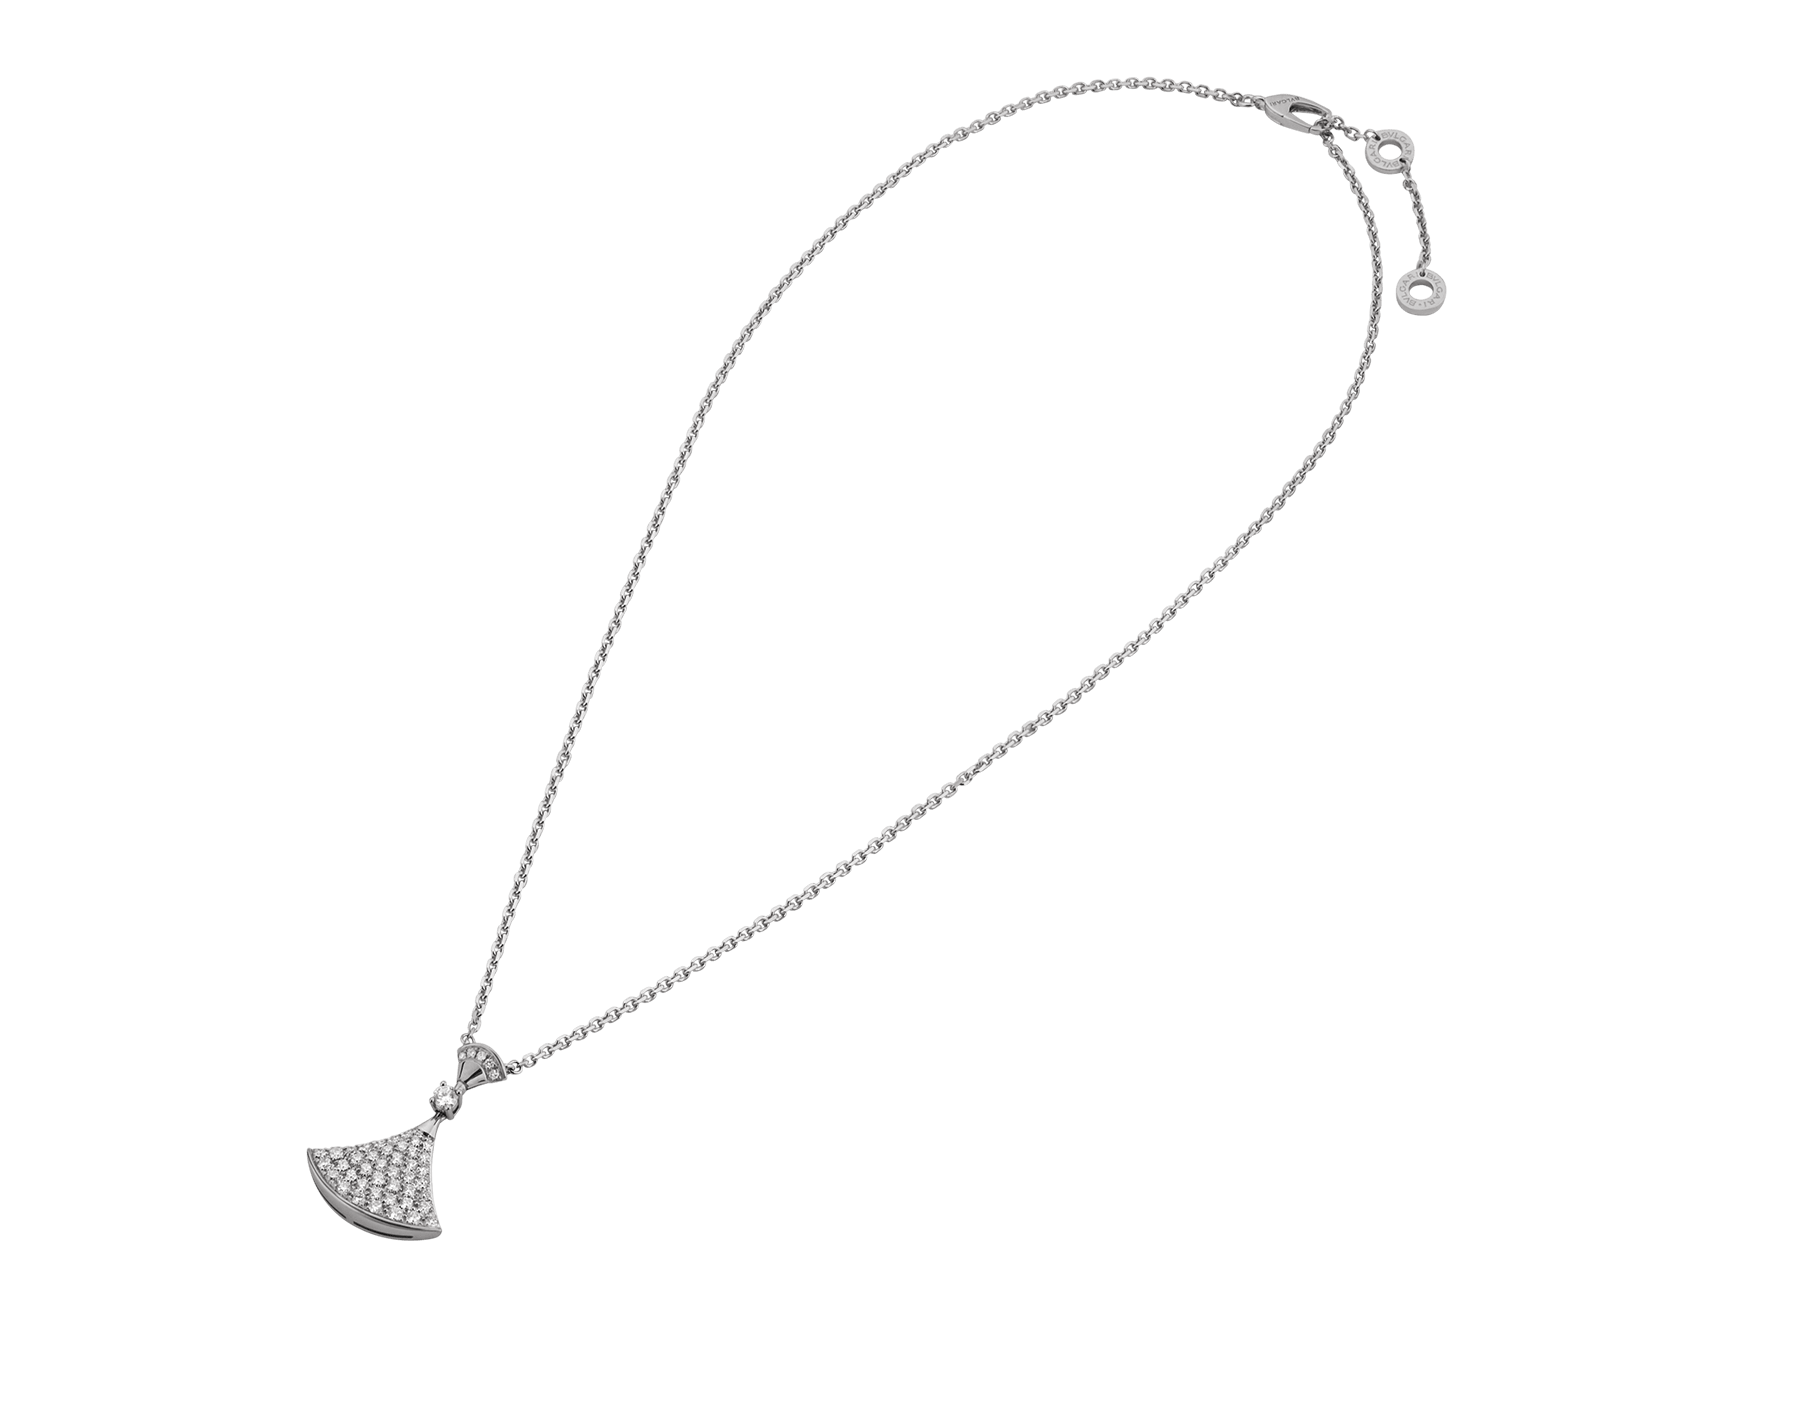 Colar DIVAS' DREAM em ouro branco 18K com pingente cravejado com um diamante e pavê de diamantes. 350066 image 2